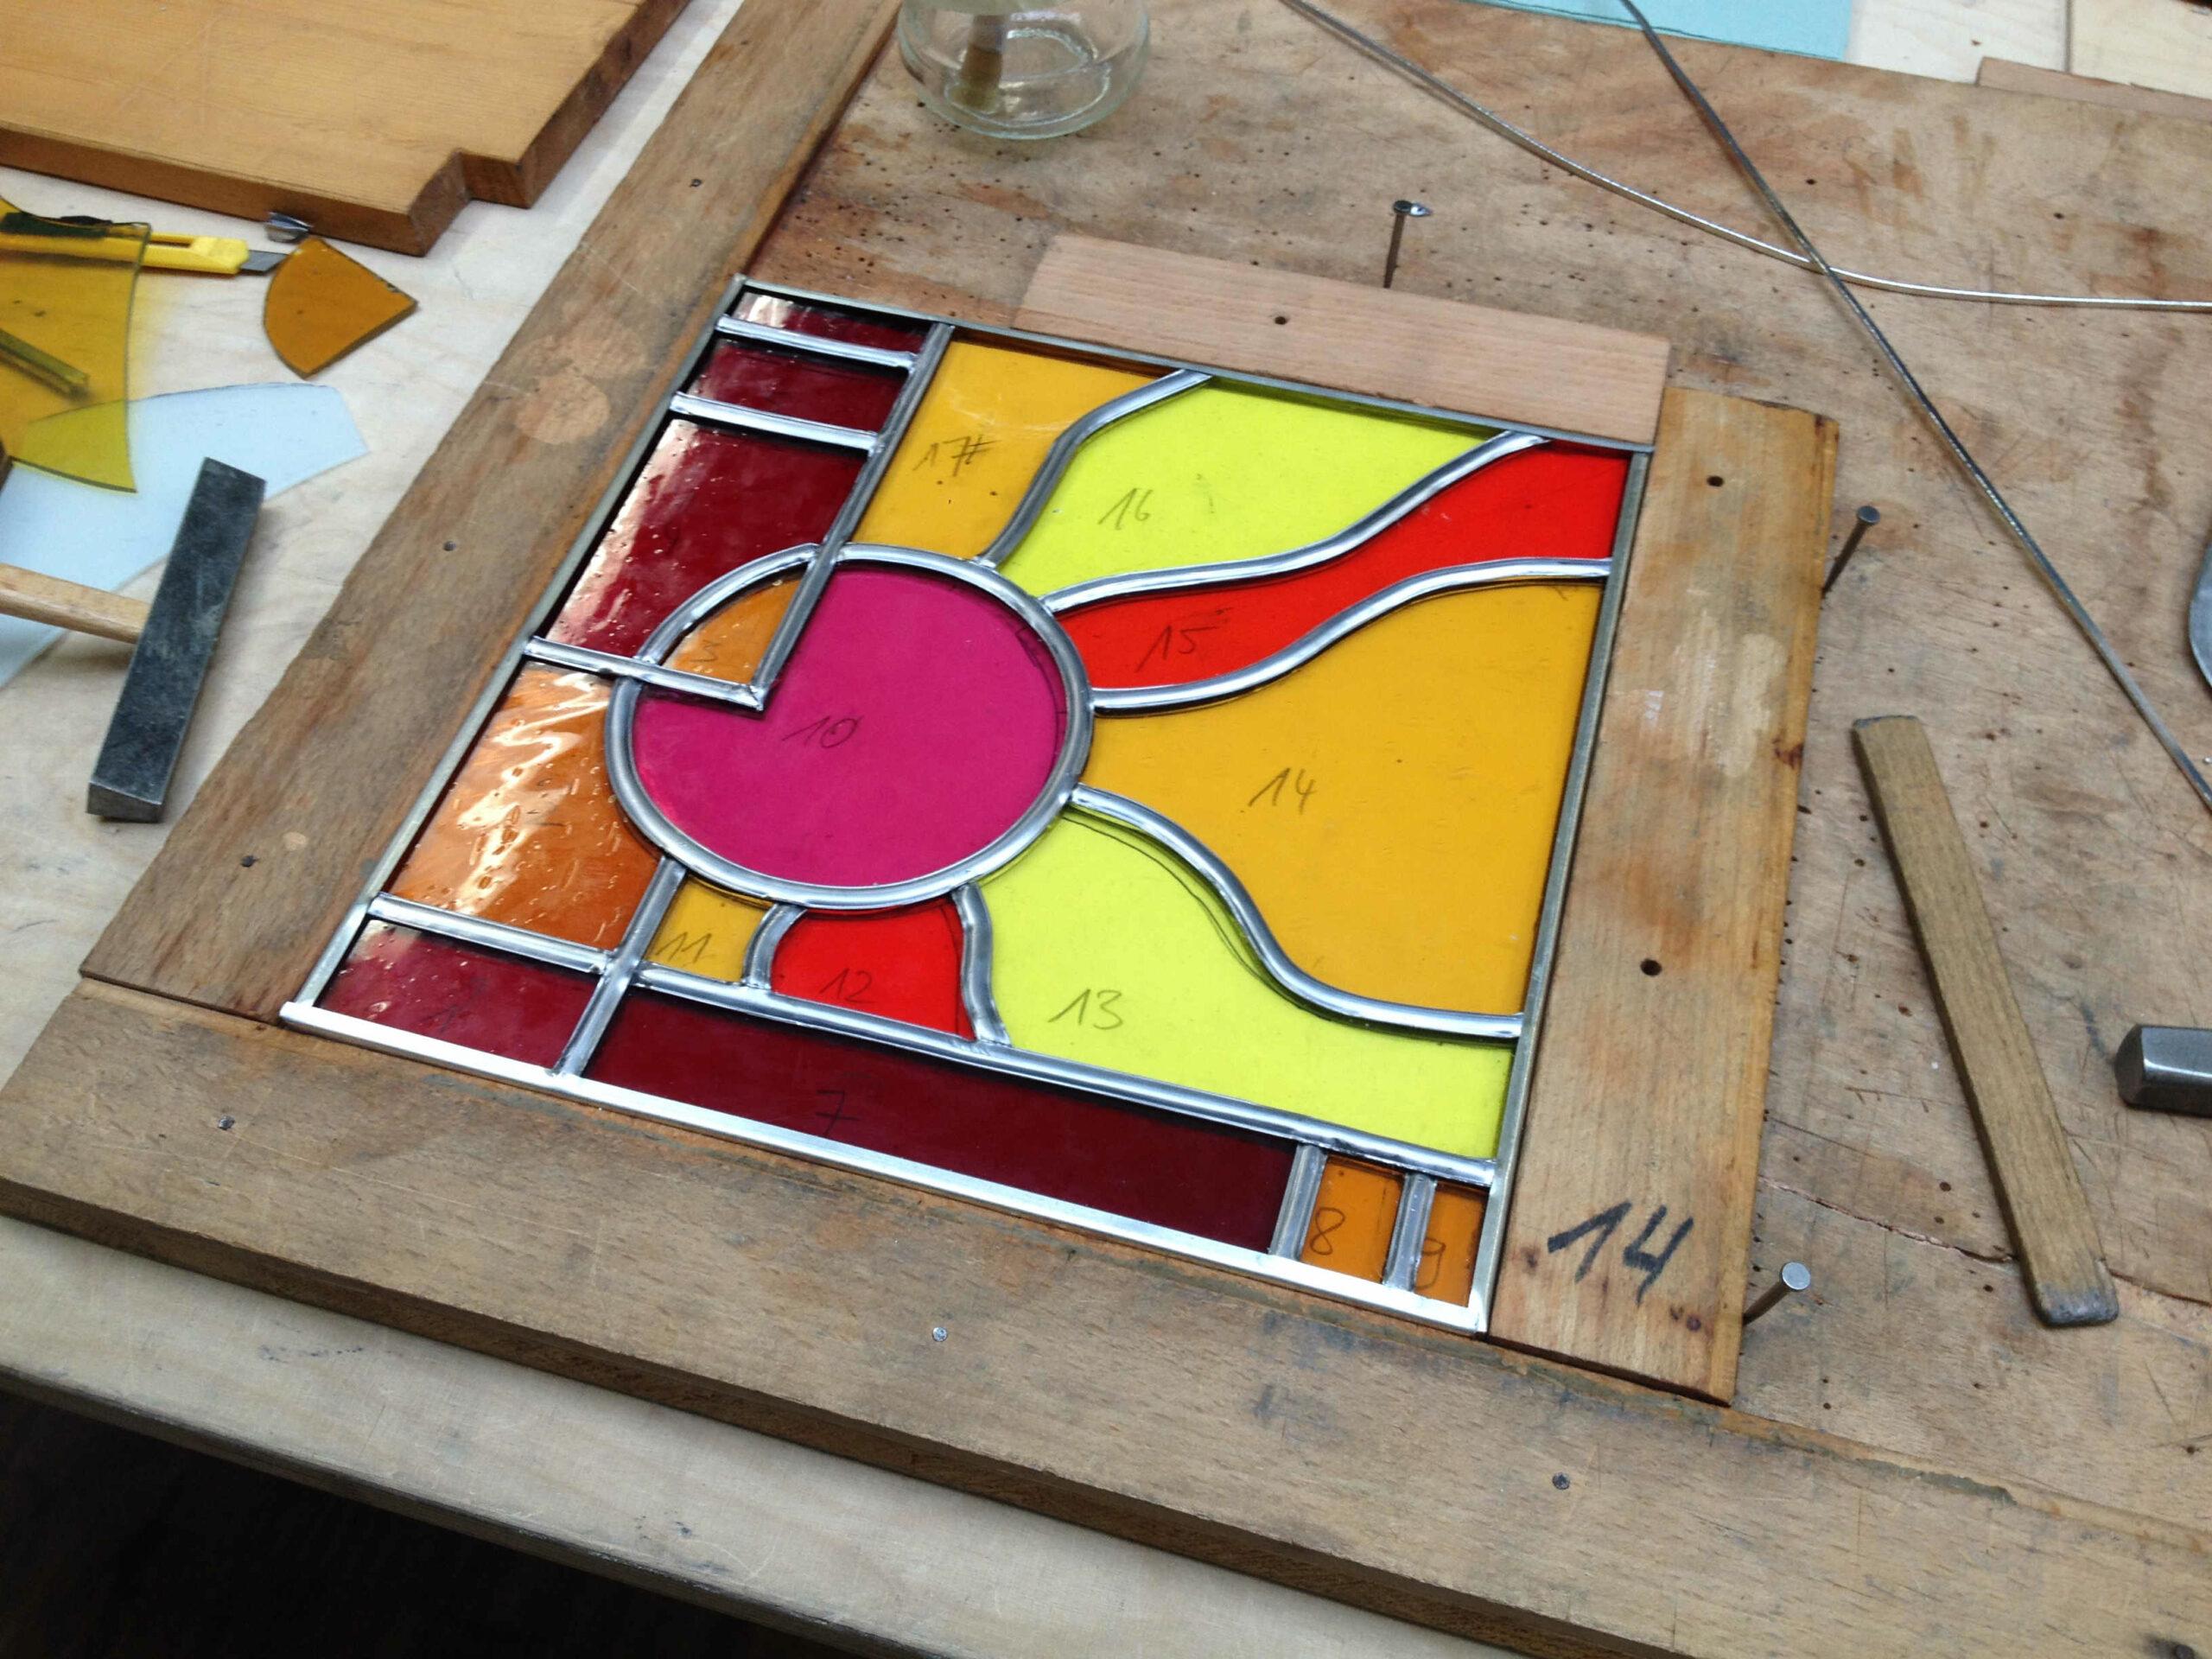 Ein buntes Bleiglasfenster in Rot- und Gelbtönen.